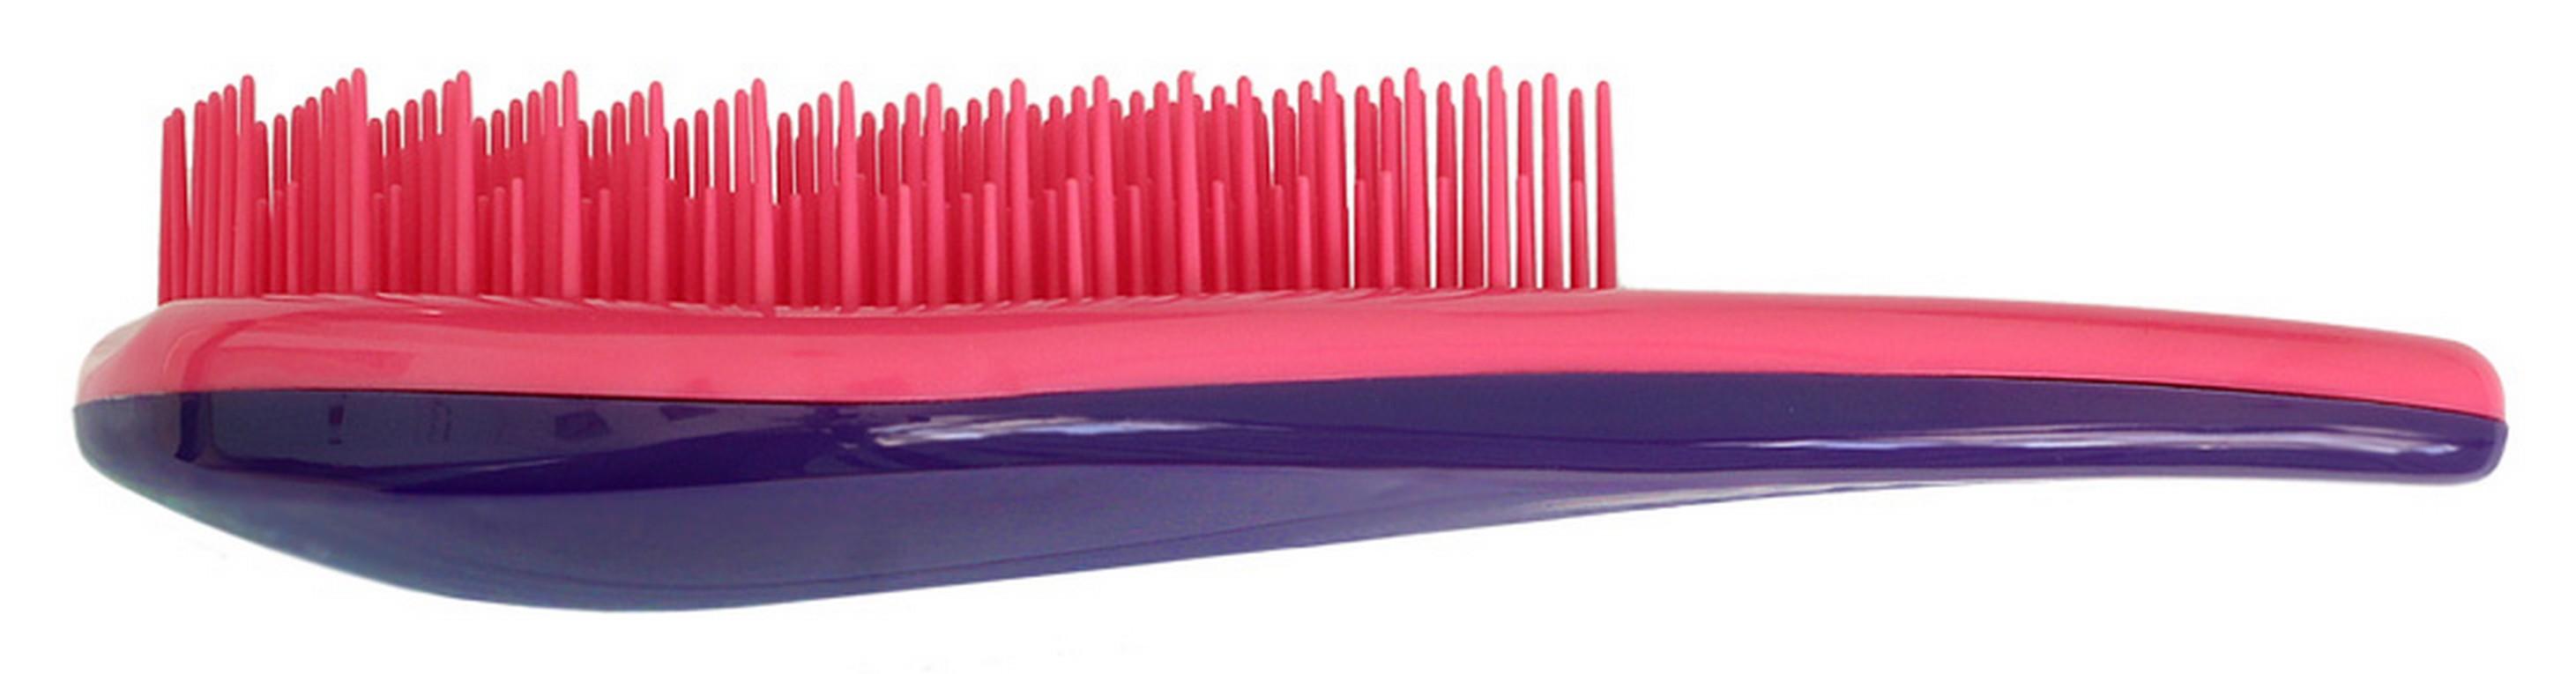 Щетка для волос для распутывания волос Detangler розовый/фиолетовыйCDB 452Специально созданная щетка для волос для того, чтобы справляться с сильно запутавшимися волосами. Уникальная инновационная конструкция гибких зубчиков позволяет безвредно для волос устранить узелки и распутать пряди. Расчёсывает волосы быстро, легко и не требует использования дополнительных средств. Подходит для любого типа волос, включая тонкие, ломкие, кудрявые и жёсткие волосыНаличие ручки делает удобным расчесывание, а слегка изогнутая форма щетки в виде капли отлично лежит в руке и не выскальзывает, что особенно важно при расчесывании влажных волос. Уникальные зубчики щетки Clarette Detangler имеют повышенную гибкость и мягко преодолевают любое препятствие в волосах. Зубчики у расчески очень короткие и легкогнутся. При расчесывании они пропускают сквозь себя пряди любой длины и фактуры, не цепляя их и не «скатывая» в колтуны. Высококачественный упругий пластик, из которого сделаны зубчики расчески, не царапает кожу головы, а мягко воздействует на нее, обеспечивая массажный...